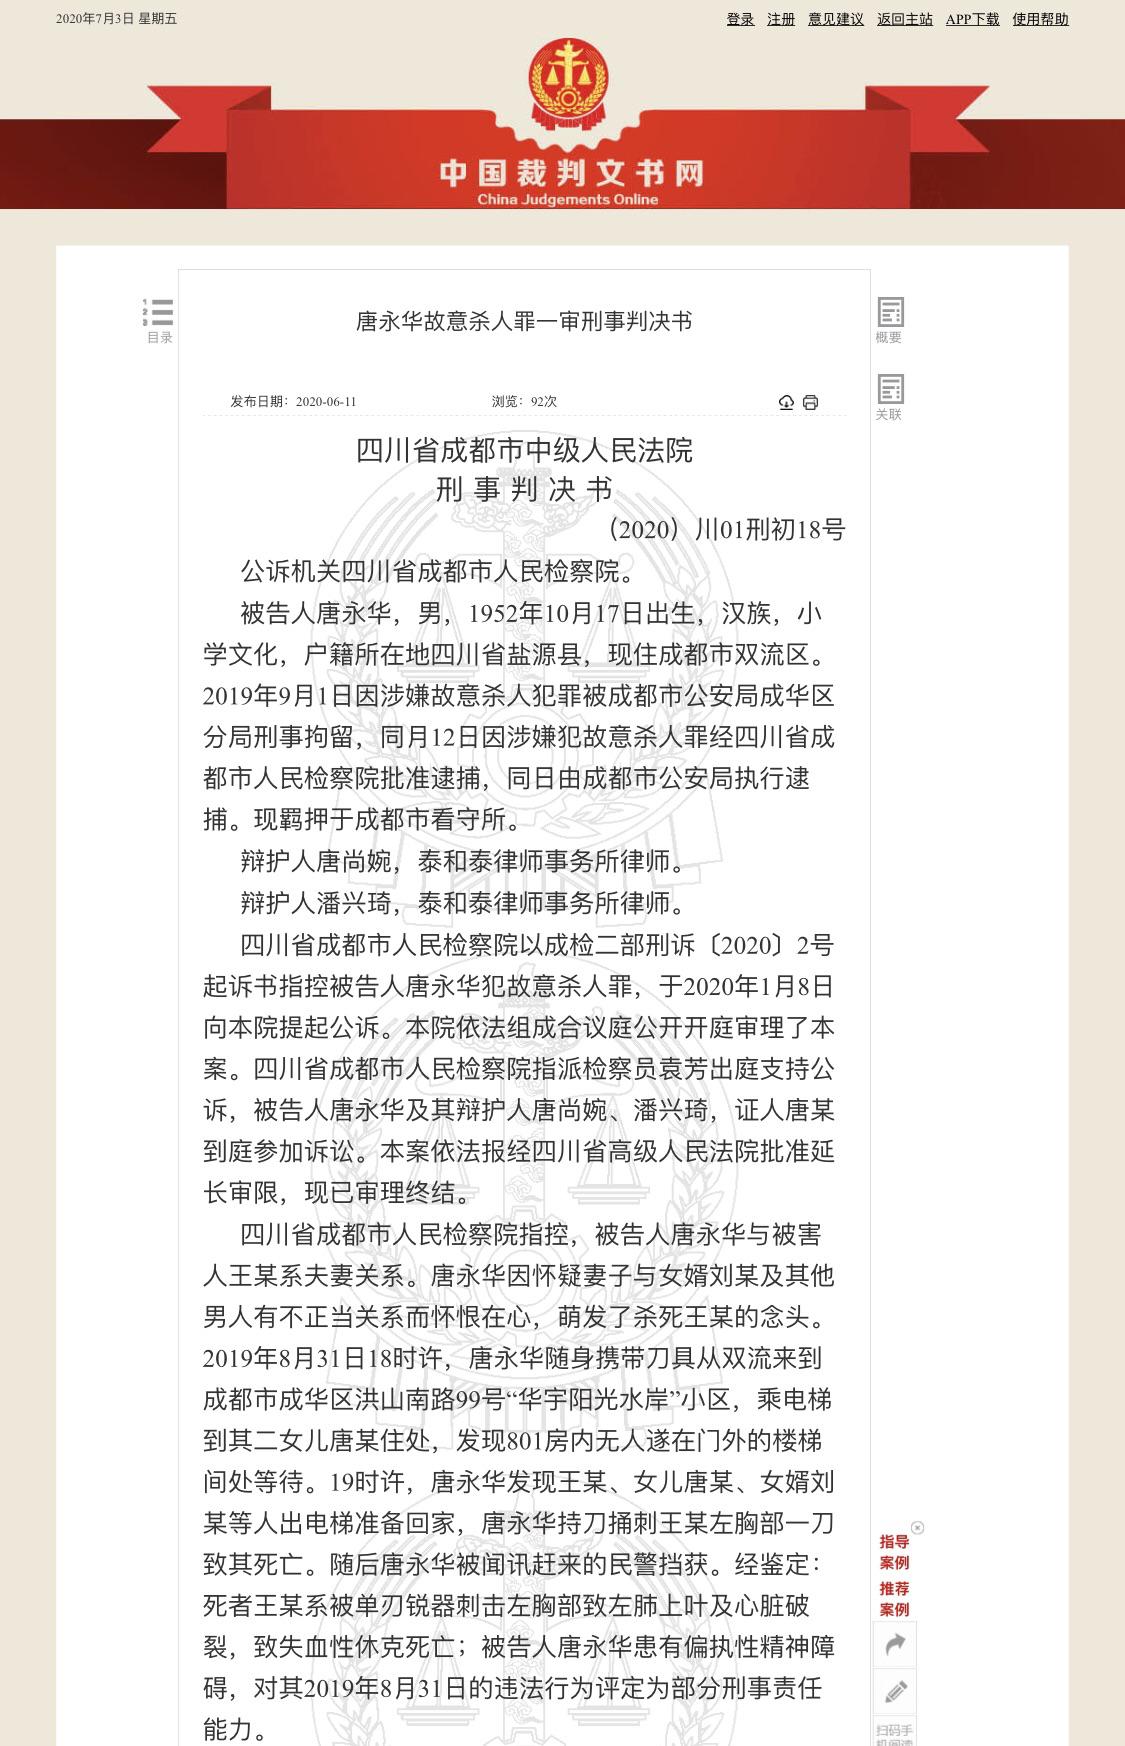 【网站亚洲天堂优化培训】_怀疑老婆与女婿有私情,67岁男子持刀杀妻获老婆亲属谅解